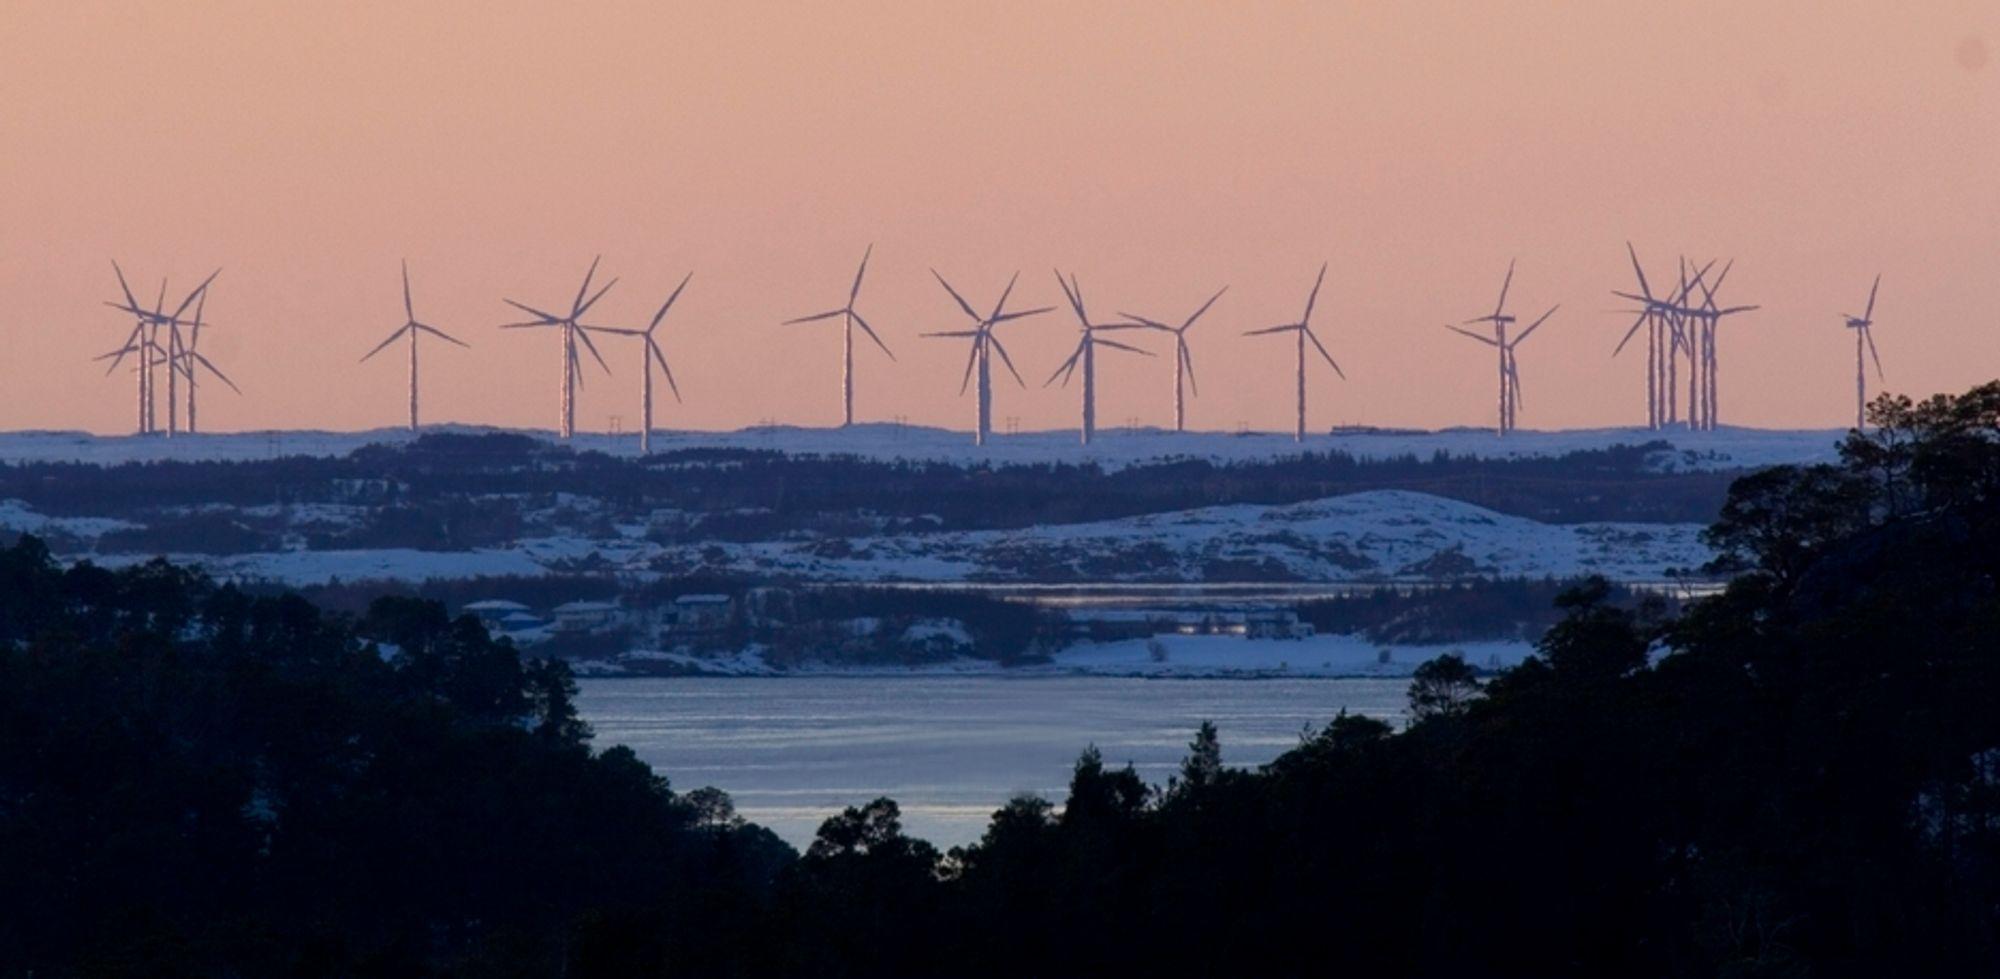 POSITIVT: Vindmøller i Smøla kommune. Der vindturbinene er på plass er folk ofte mer positive til vindkraft, viser en undersøkelse gjort for Enova. Men i enkelte kommuner er det sterk polarisering.